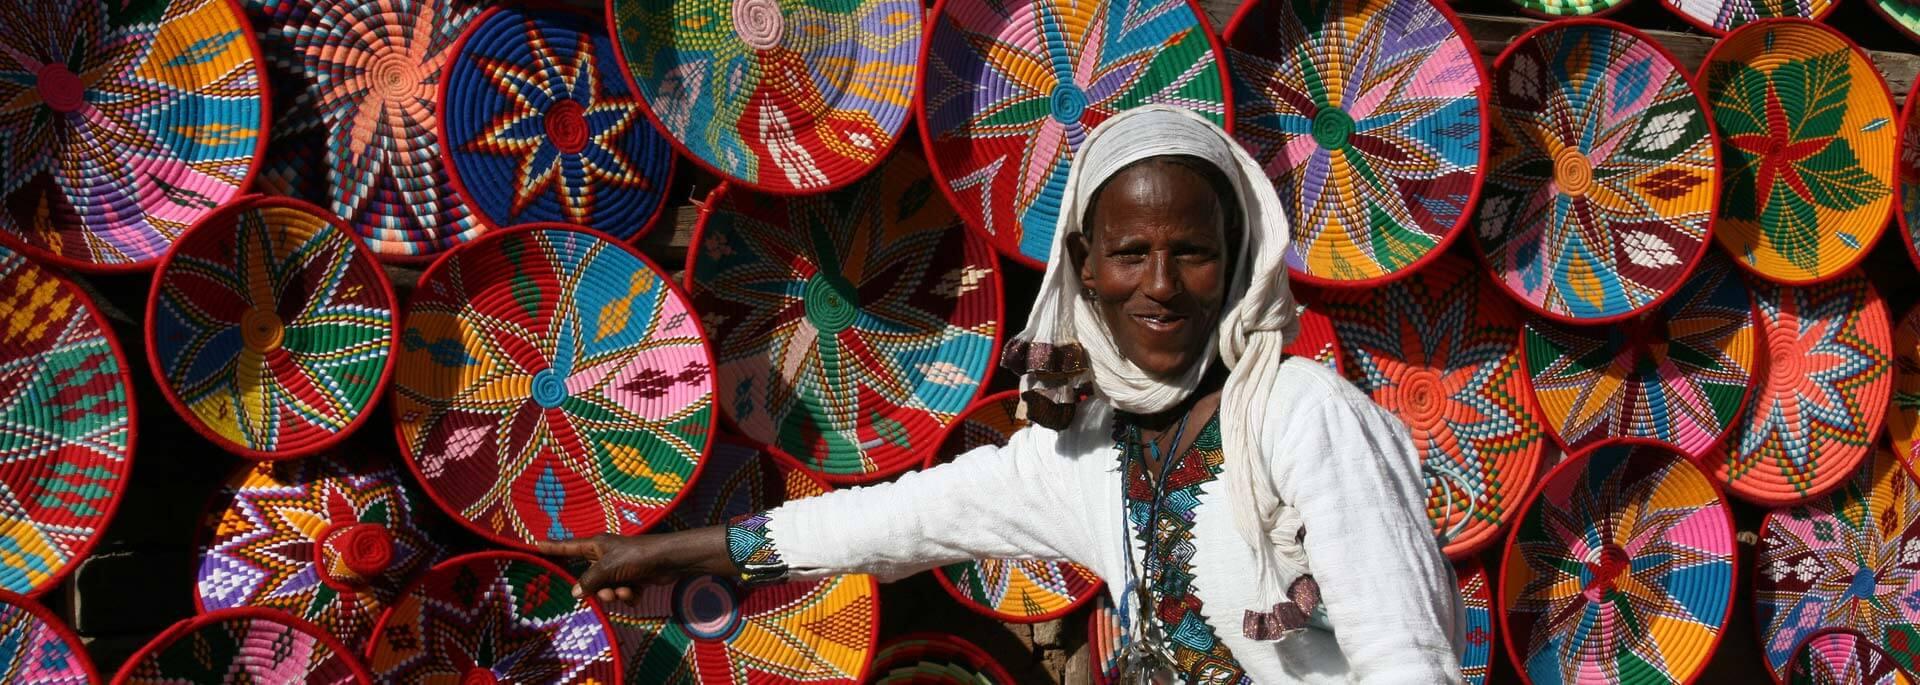 Fotos: Kirchenfest in Aksum (Äthiopien)